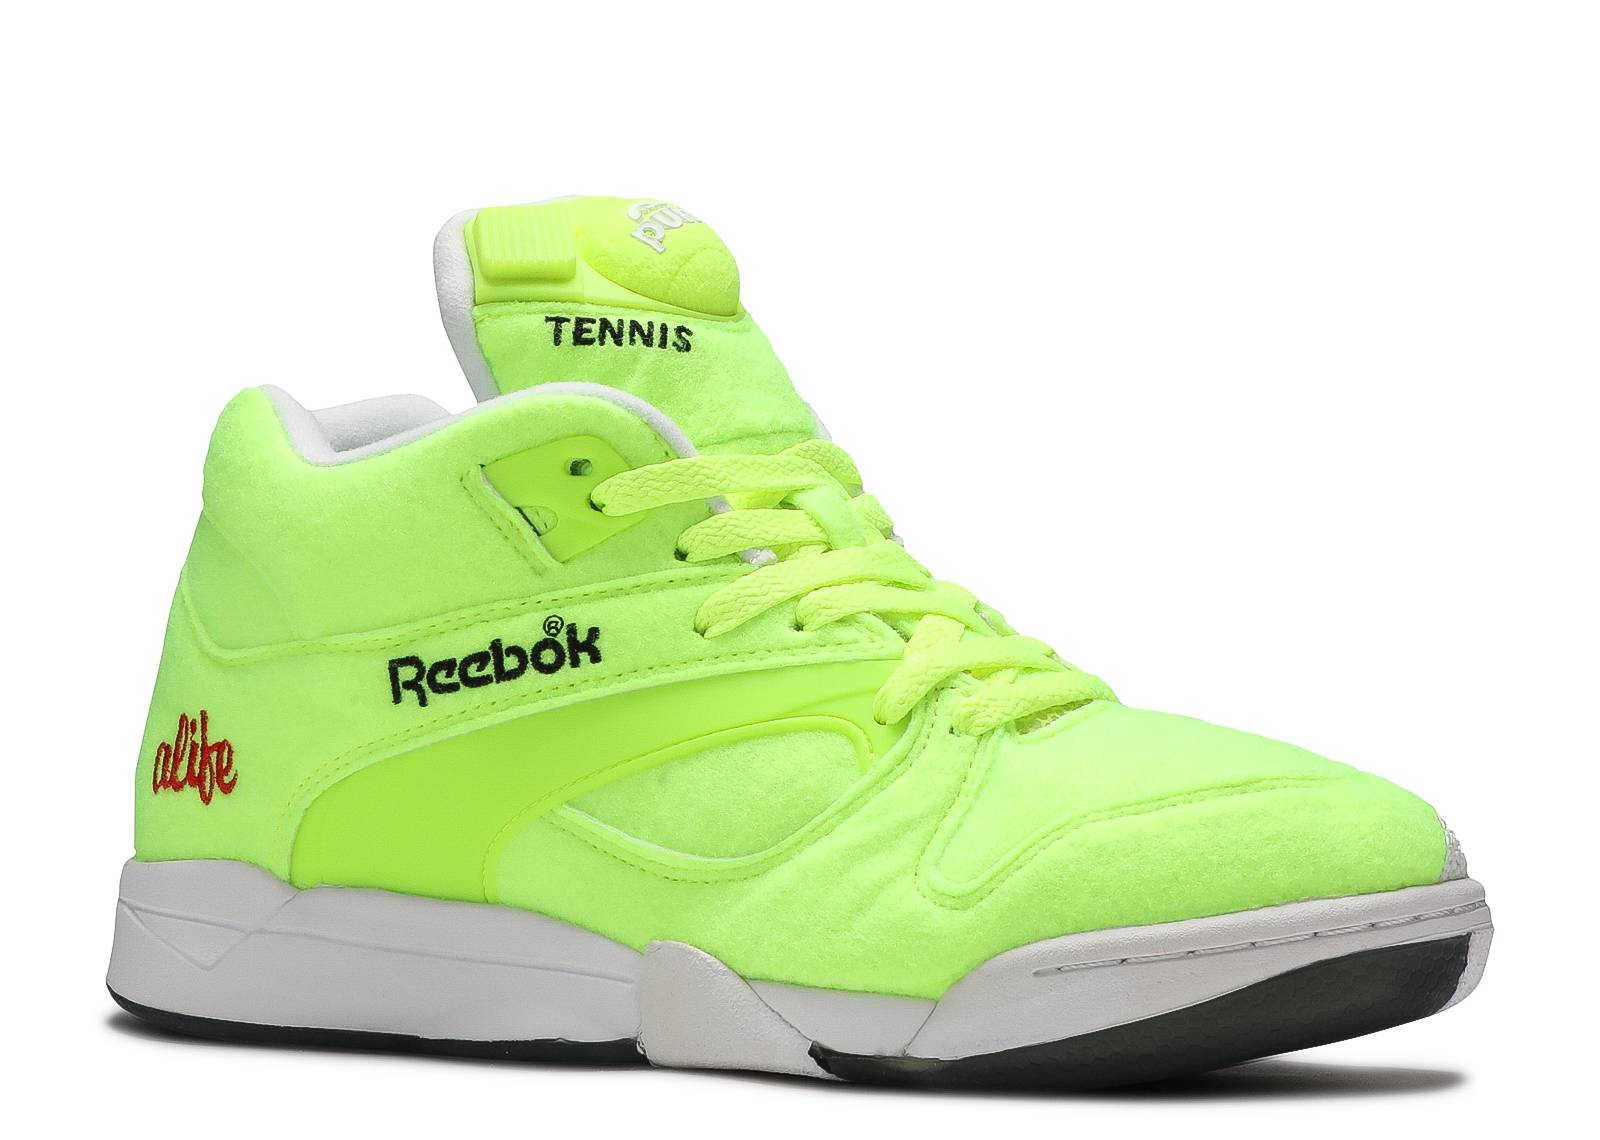 843d678a43b tennis ball reebok pumps cheap   OFF41% The Largest Catalog Discounts